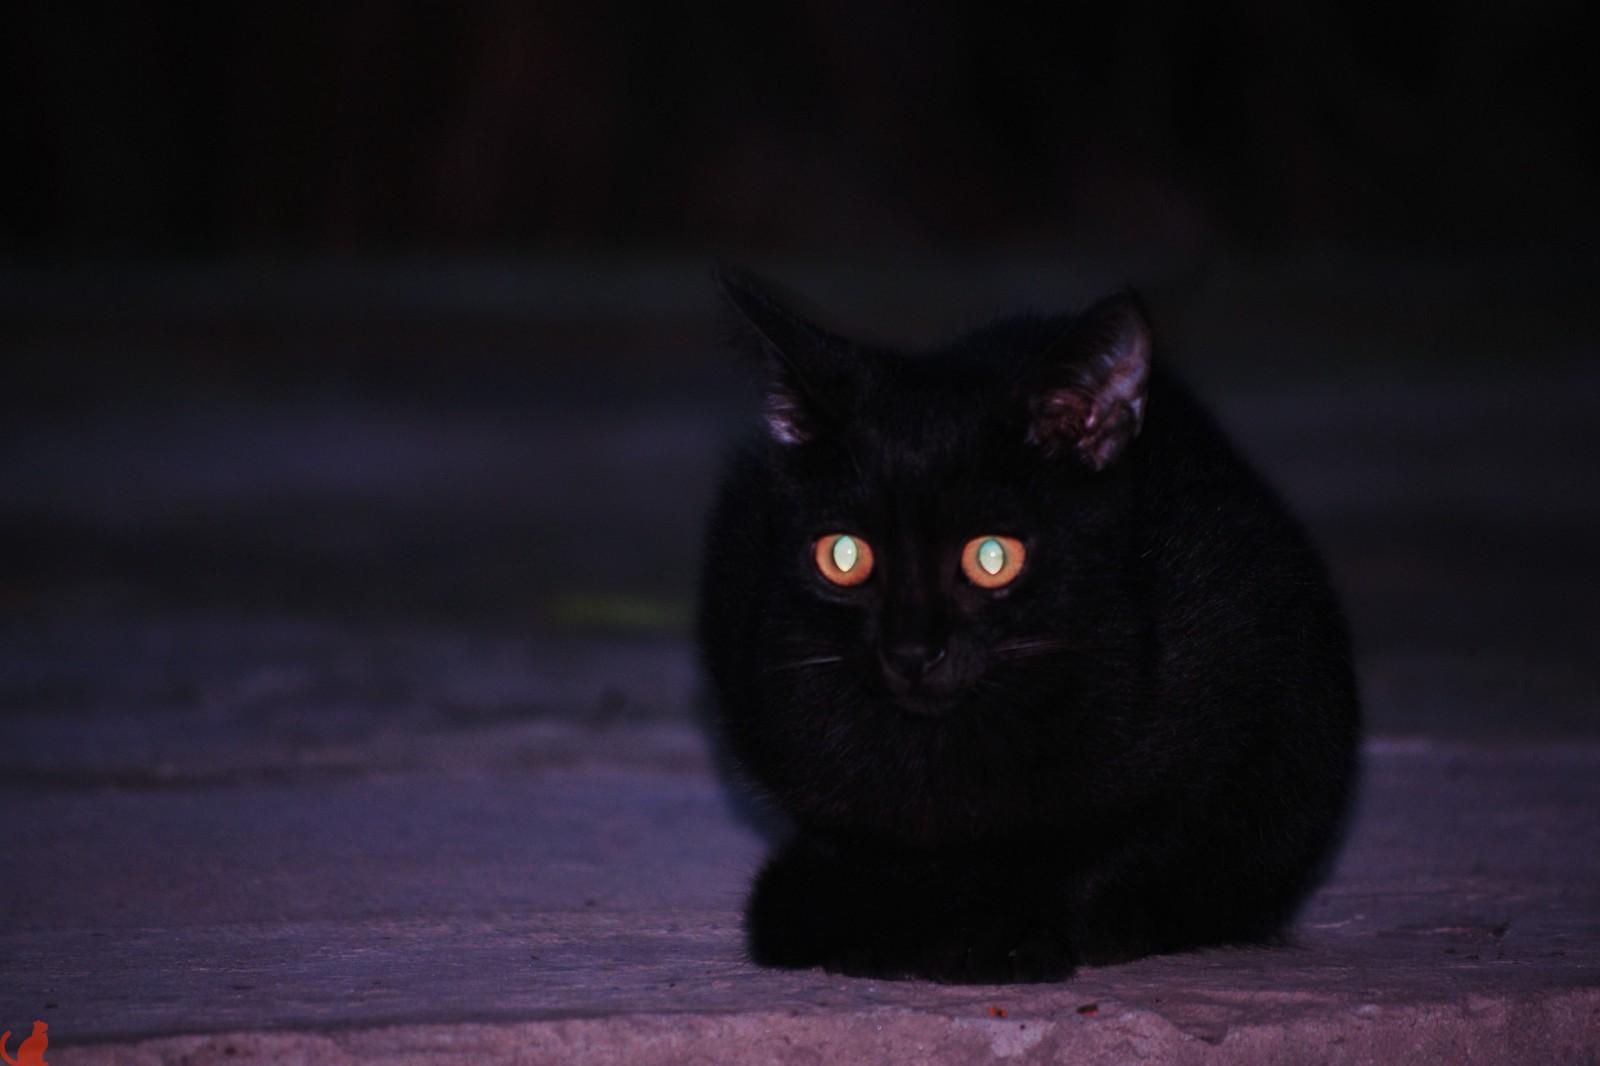 глаза кошки светятся в темноте картинки пикассо только